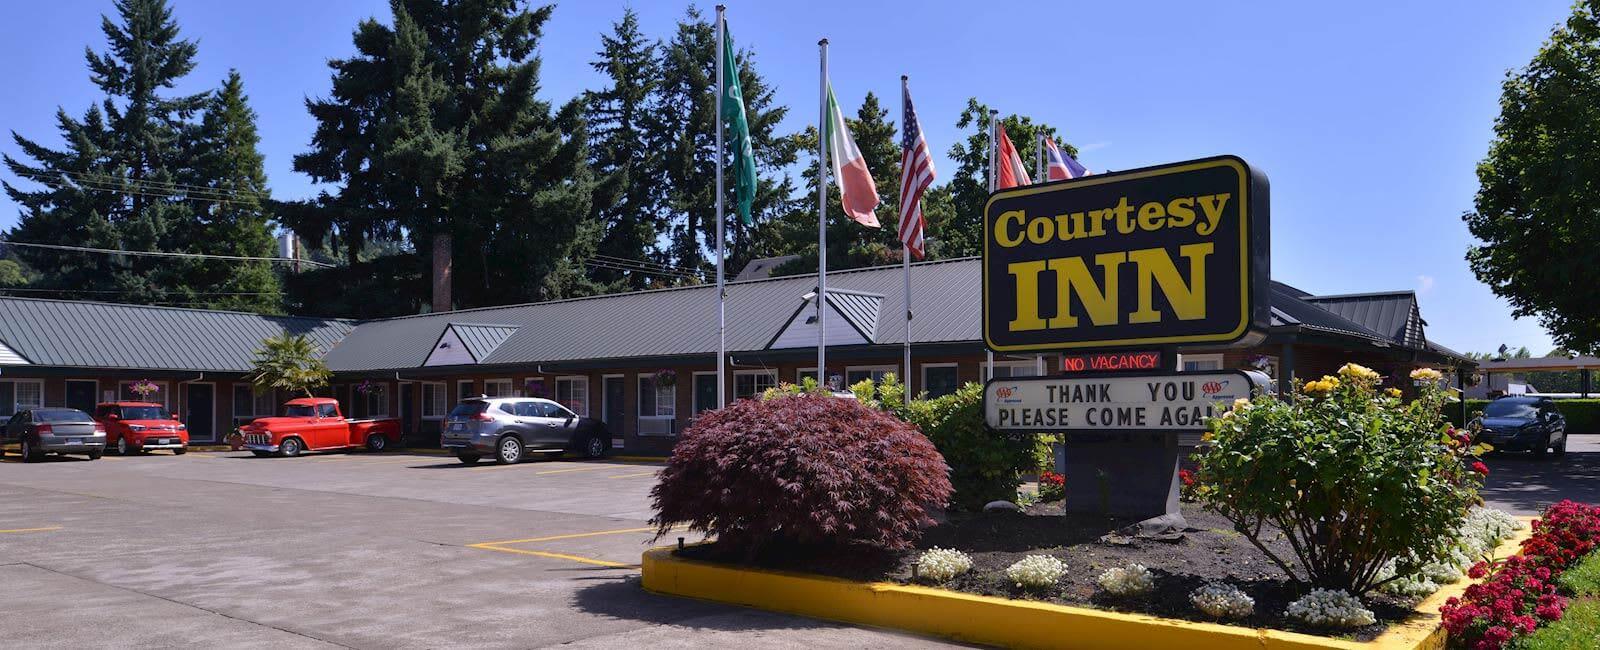 Courtesy Inn Eugene Oregon in Eugene